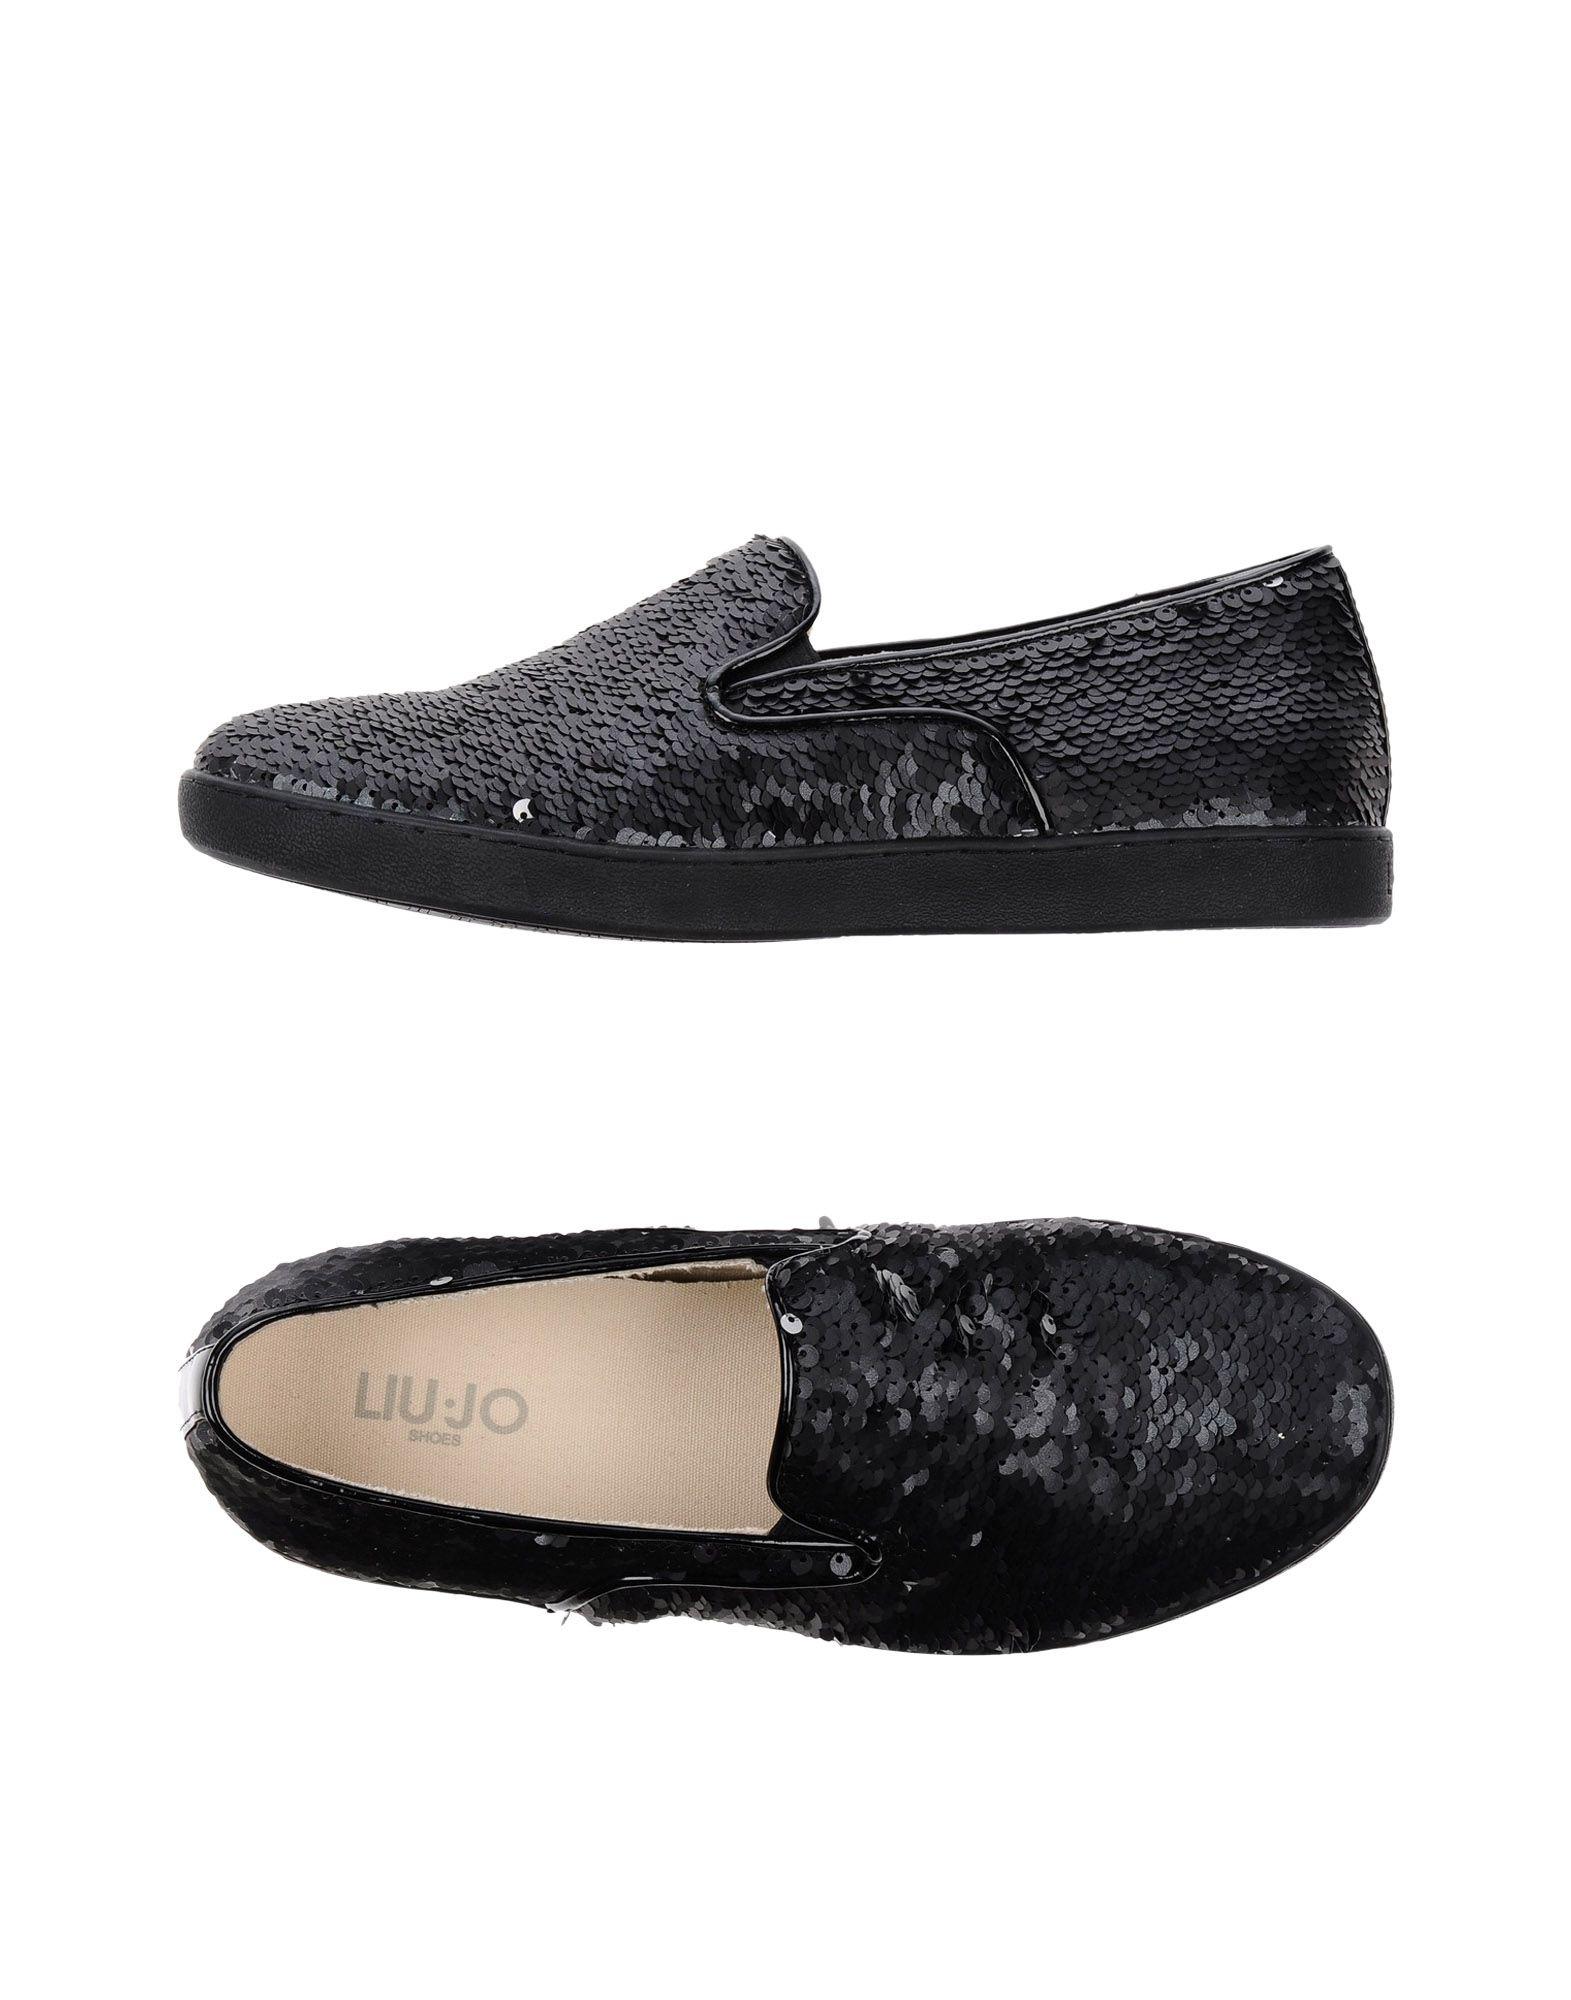 Liu •Jo Schuhes Sneakers Damen Gutes Preis-Leistungs-Verhältnis, es lohnt sich 1406